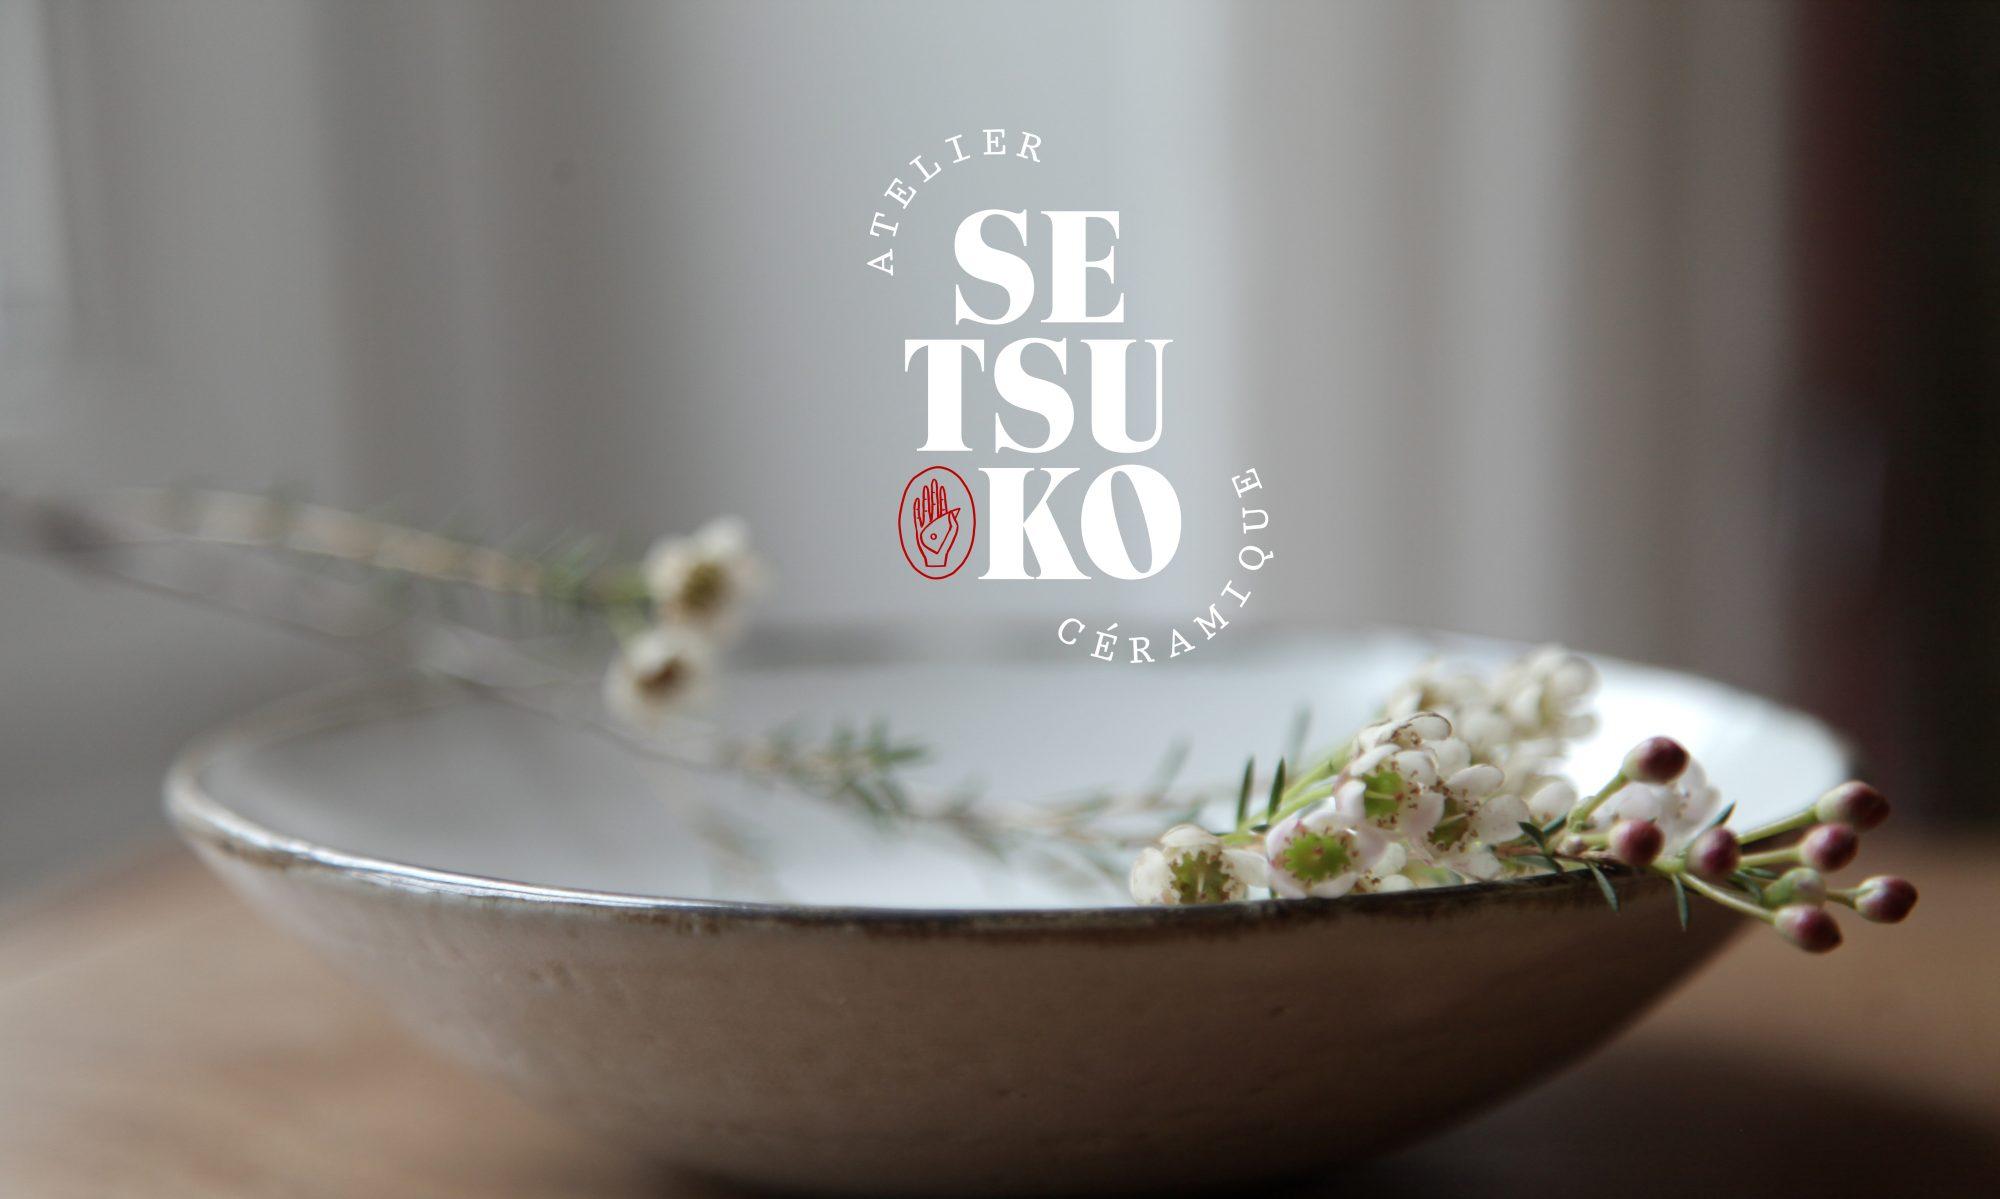 Atelier Setsuko